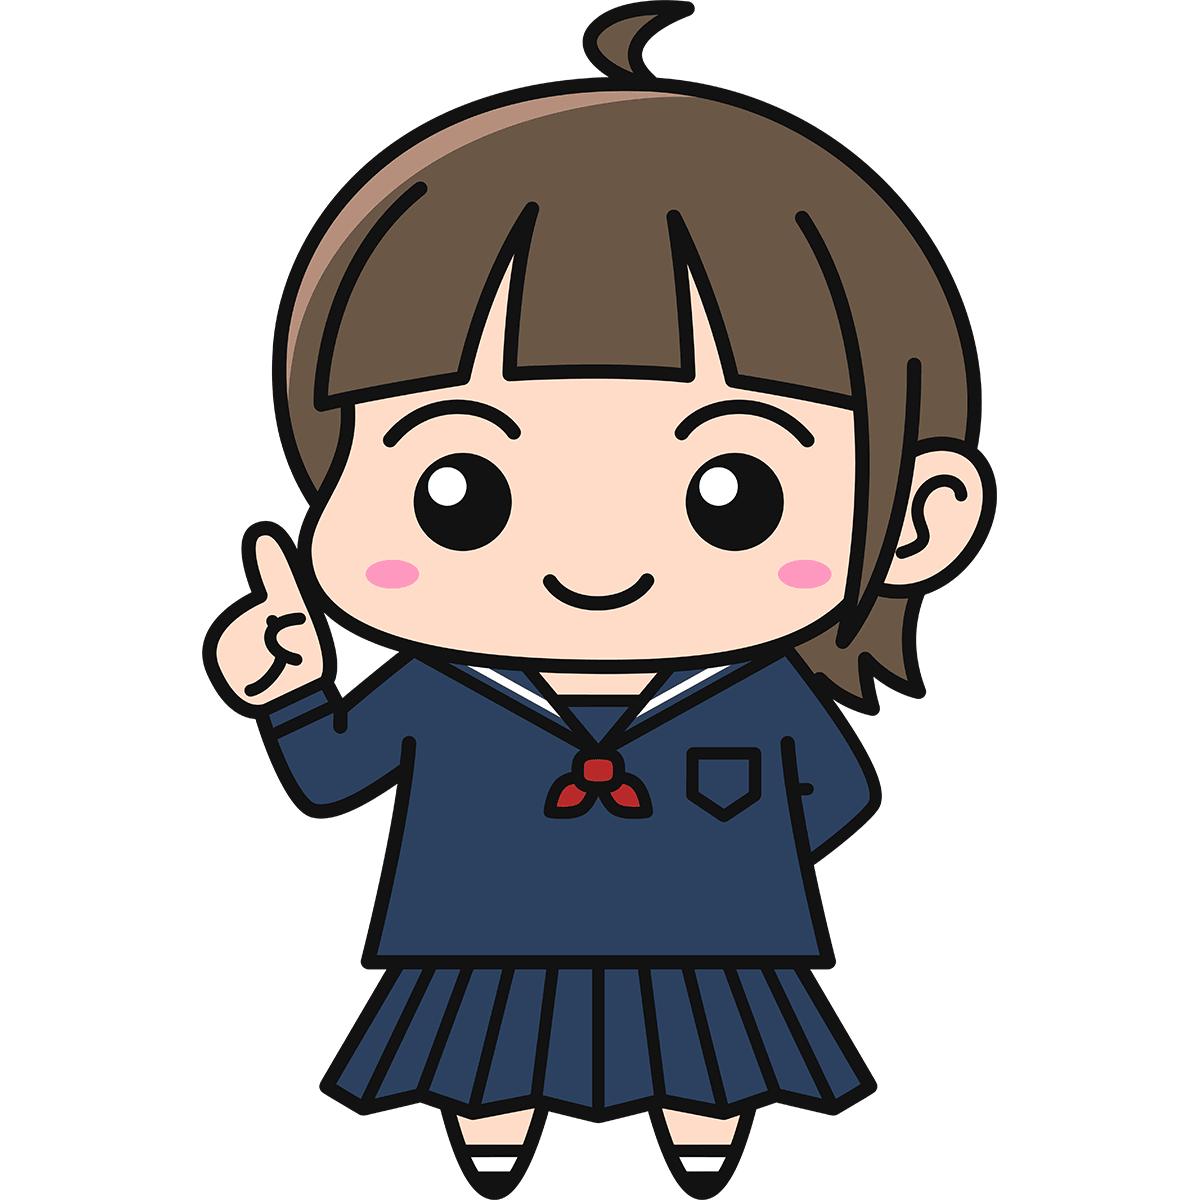 女子高生(説明/冬服)の無料イラスト